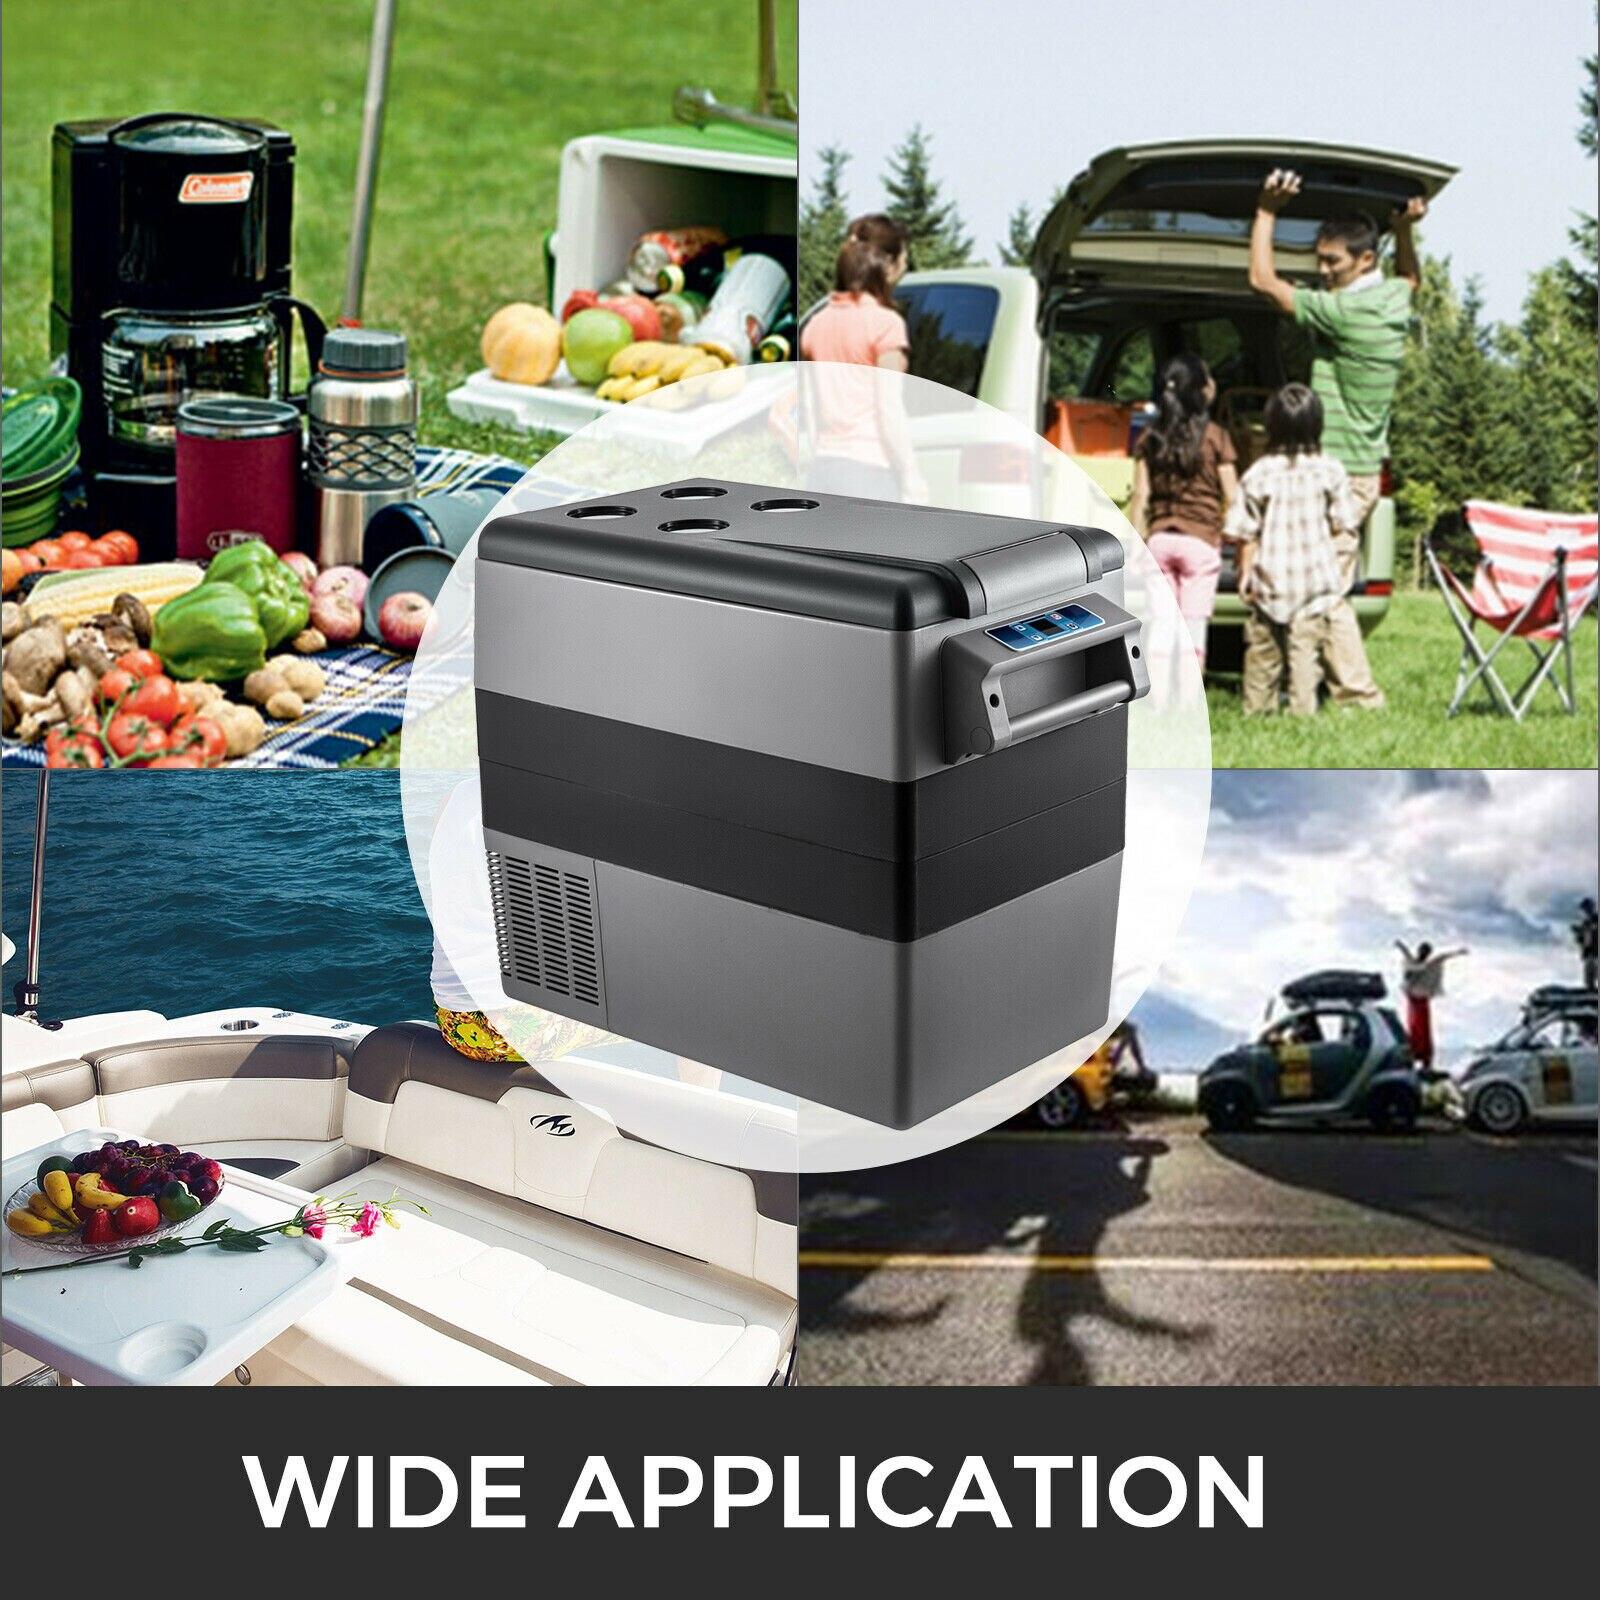 VEVOR 20L 22L 35L 45L 55L маленький автомобиль холодильник 12/24V DC 110-240V AC Портативный мини холодильники компрессора морозильных камер охладитель воздуха для дома 2